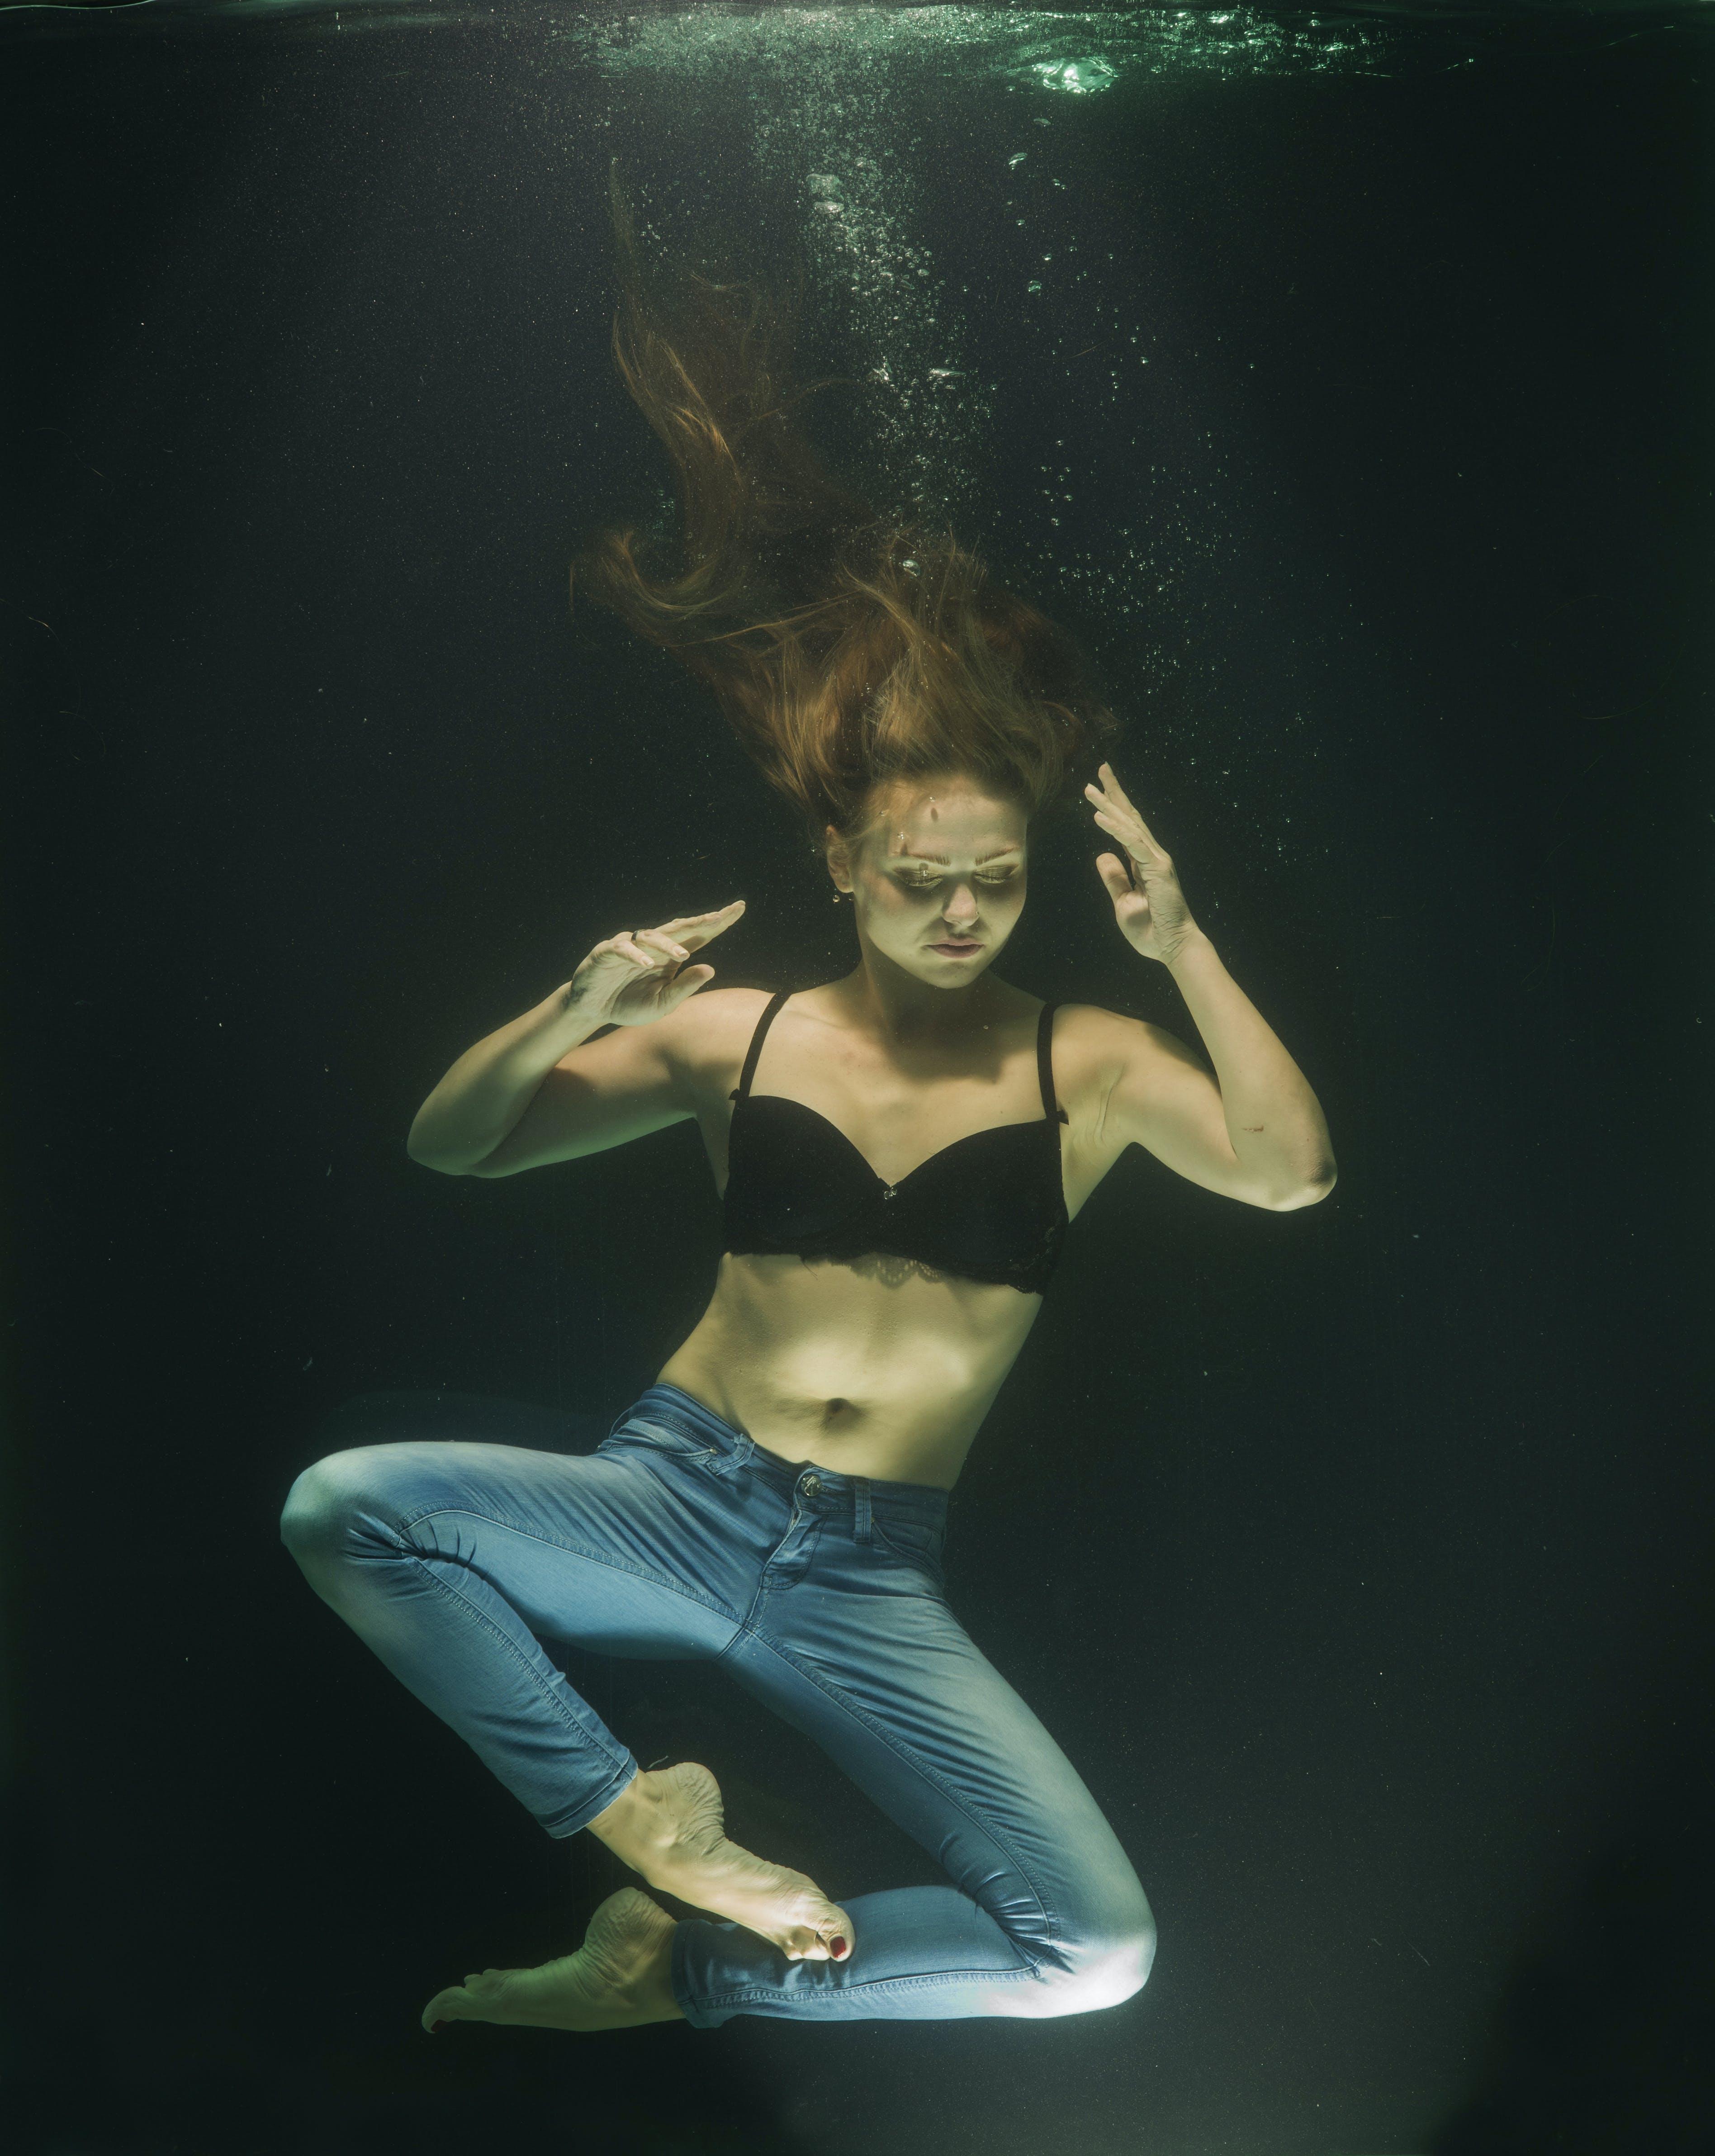 Gratis arkivbilde med åndelighet, bevegelse, blå dongeribukser, danser